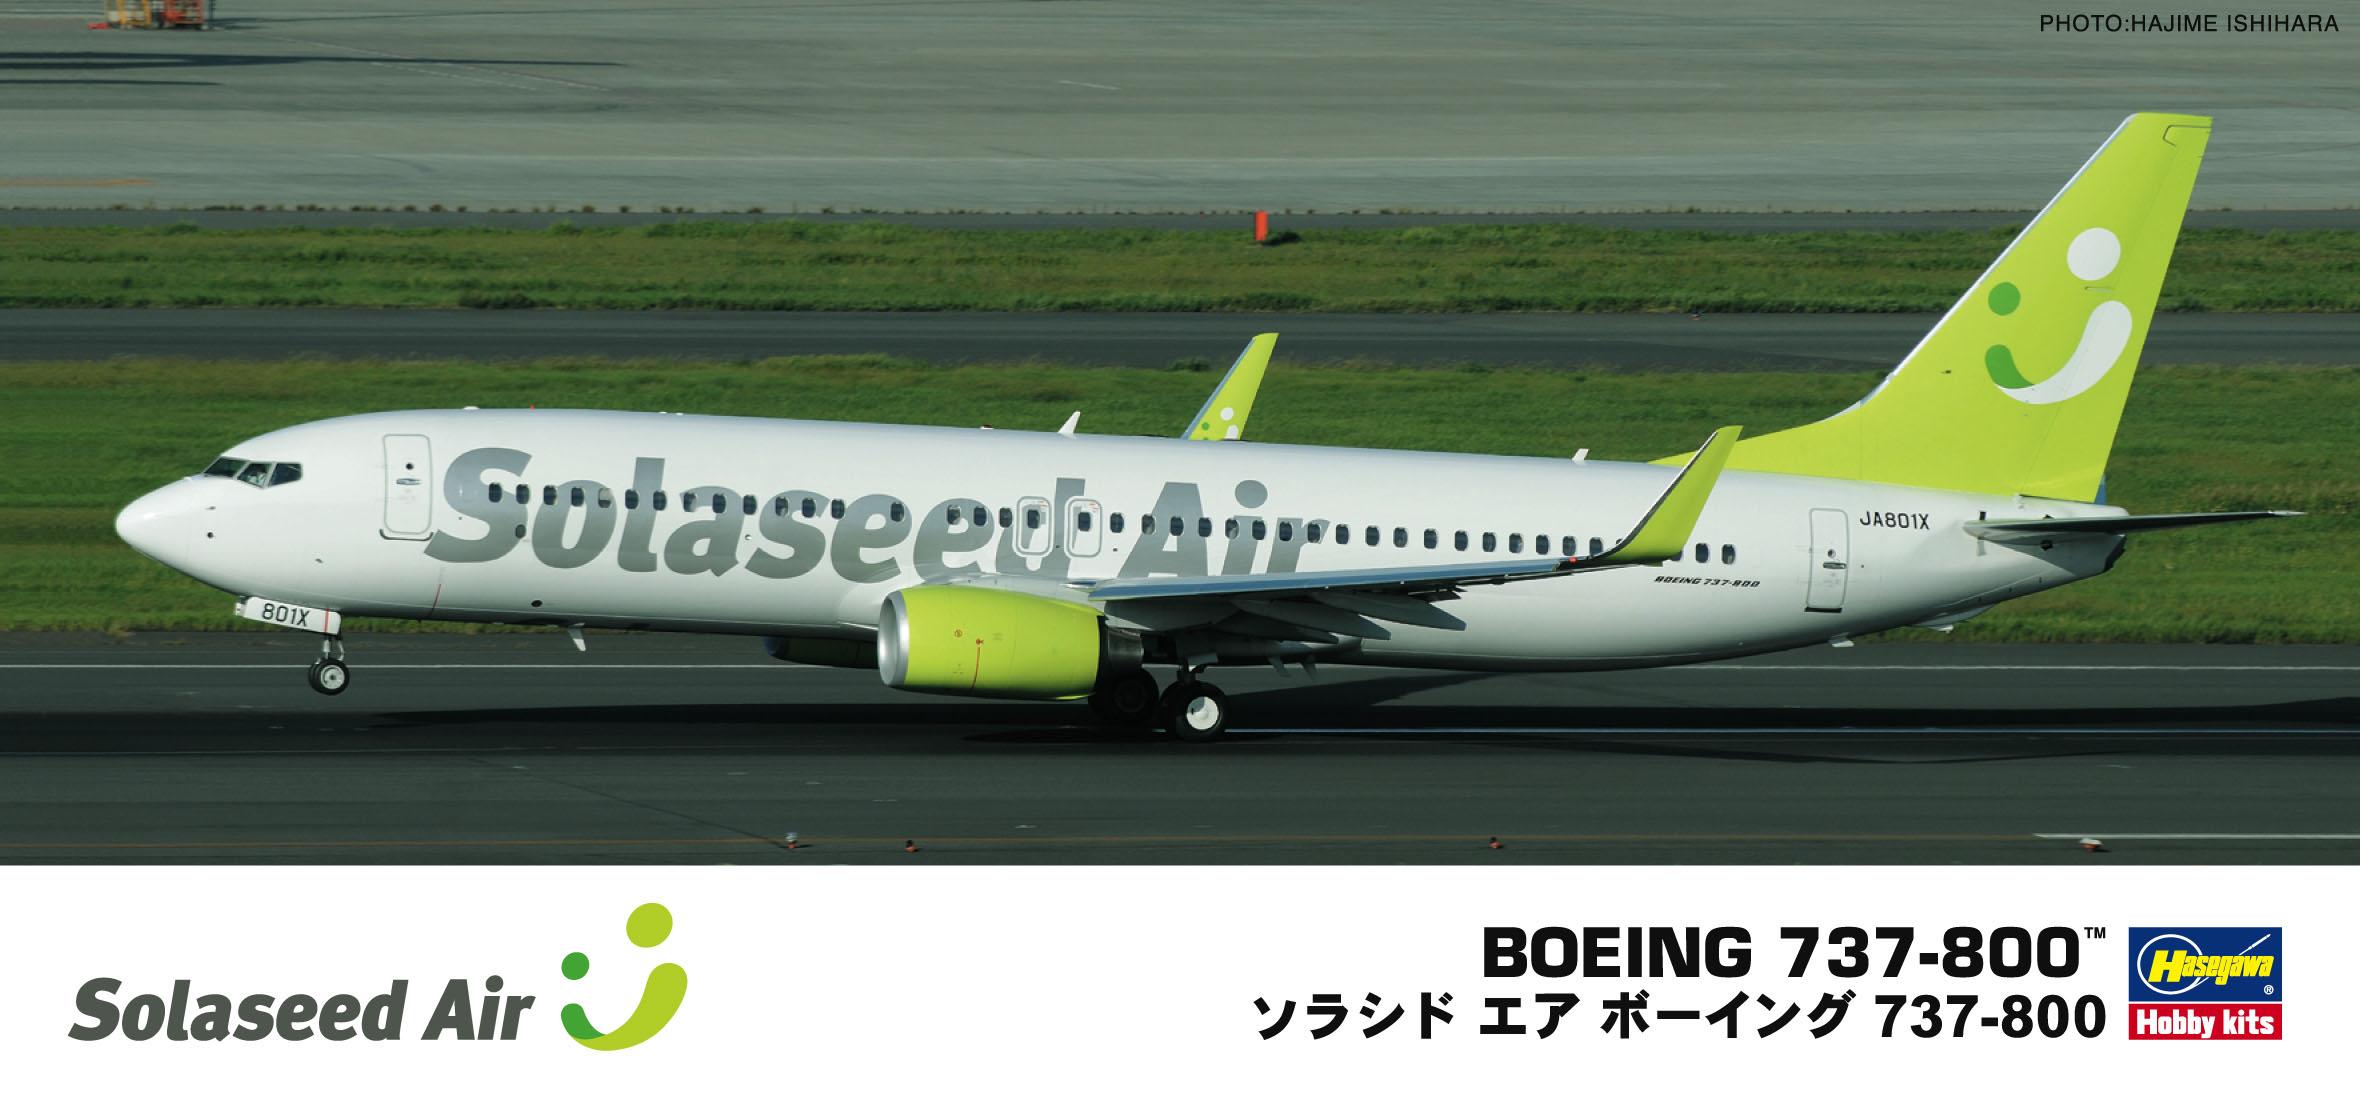 Hasegawa Solaseed Air B737-800